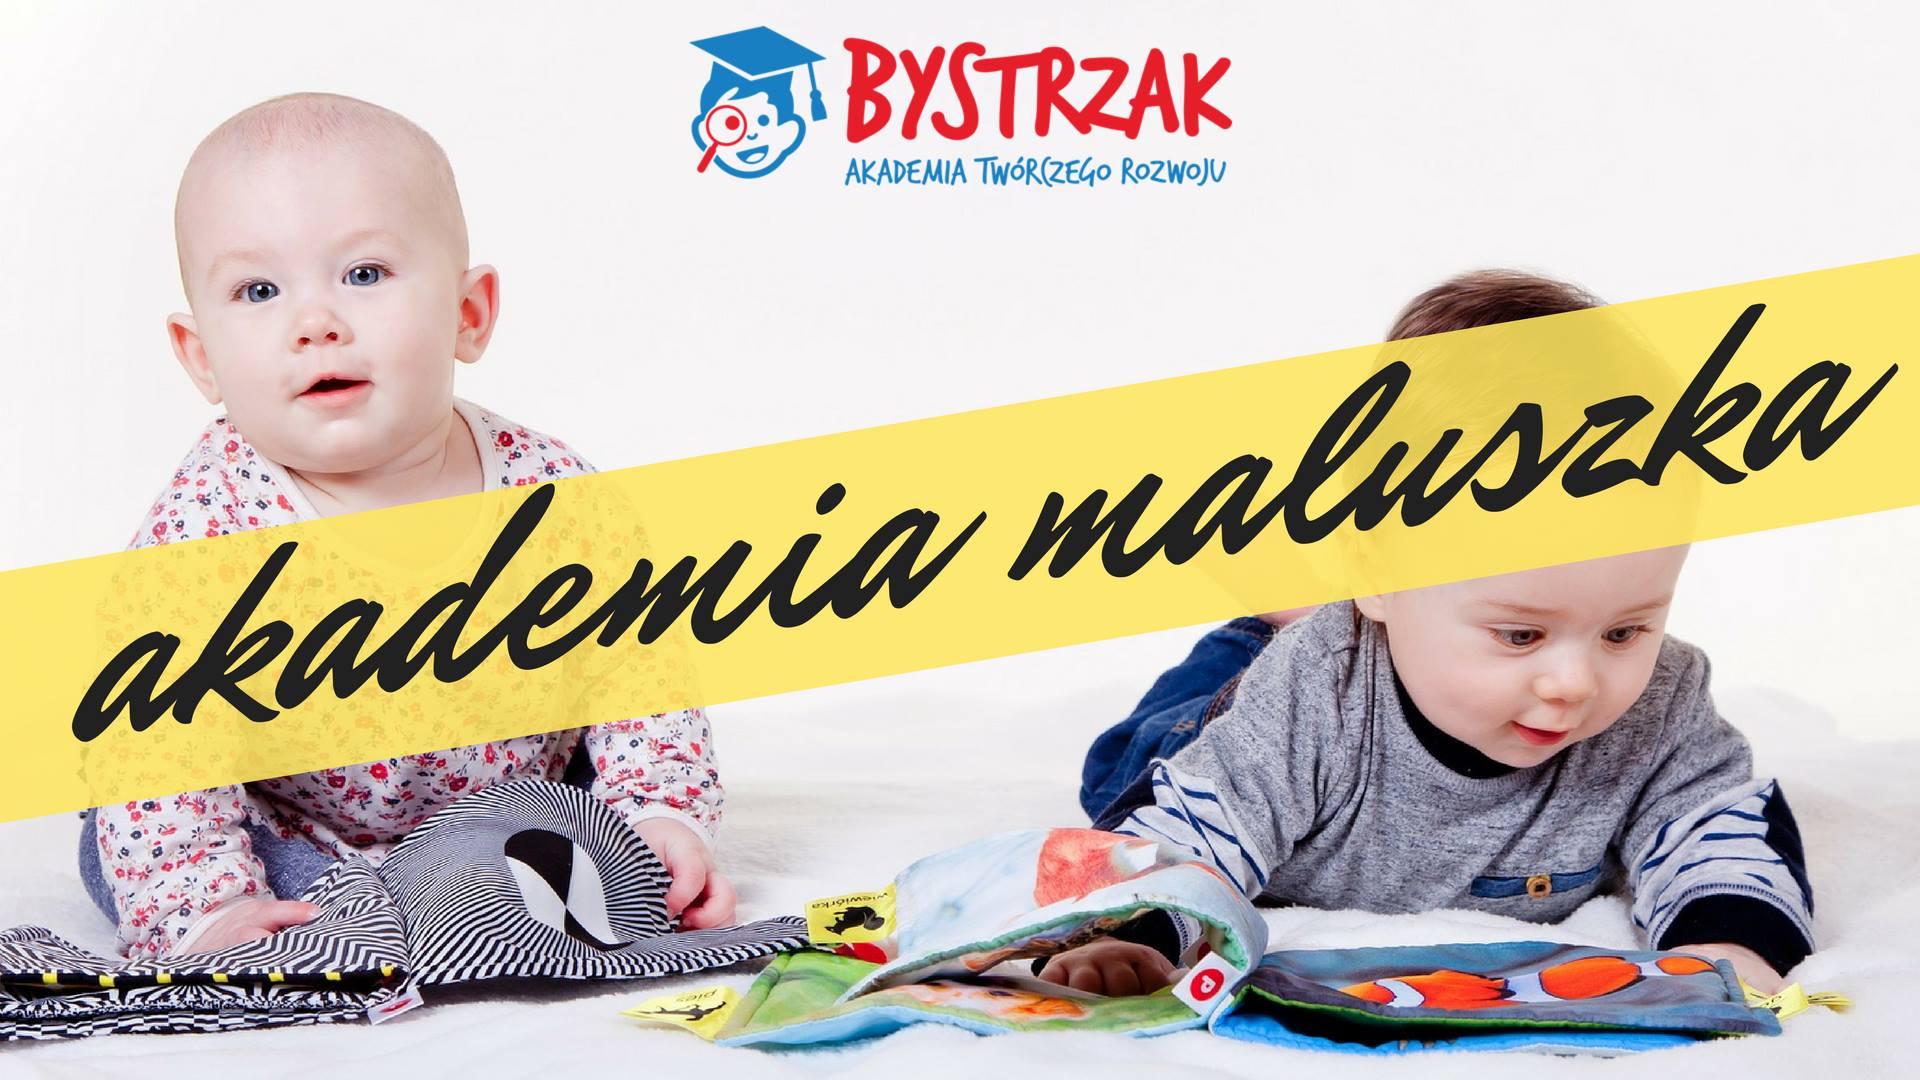 Akademia Maluszka w Bystrzaku!